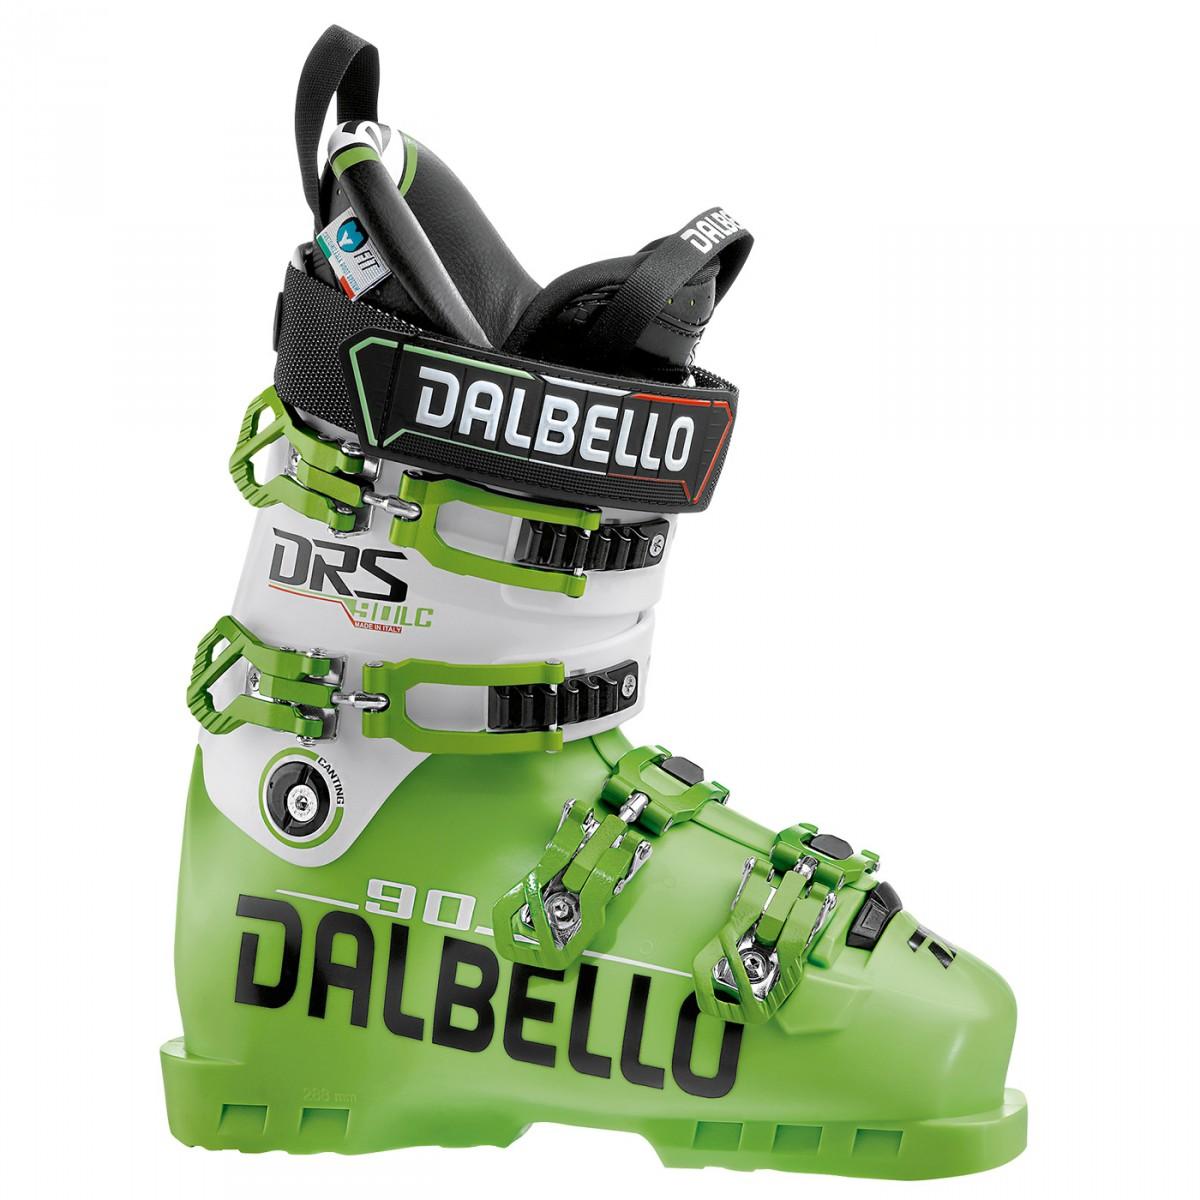 Scarponi sci Dalbello Drs 90 (Colore: lime-bianco, Taglia: 26)